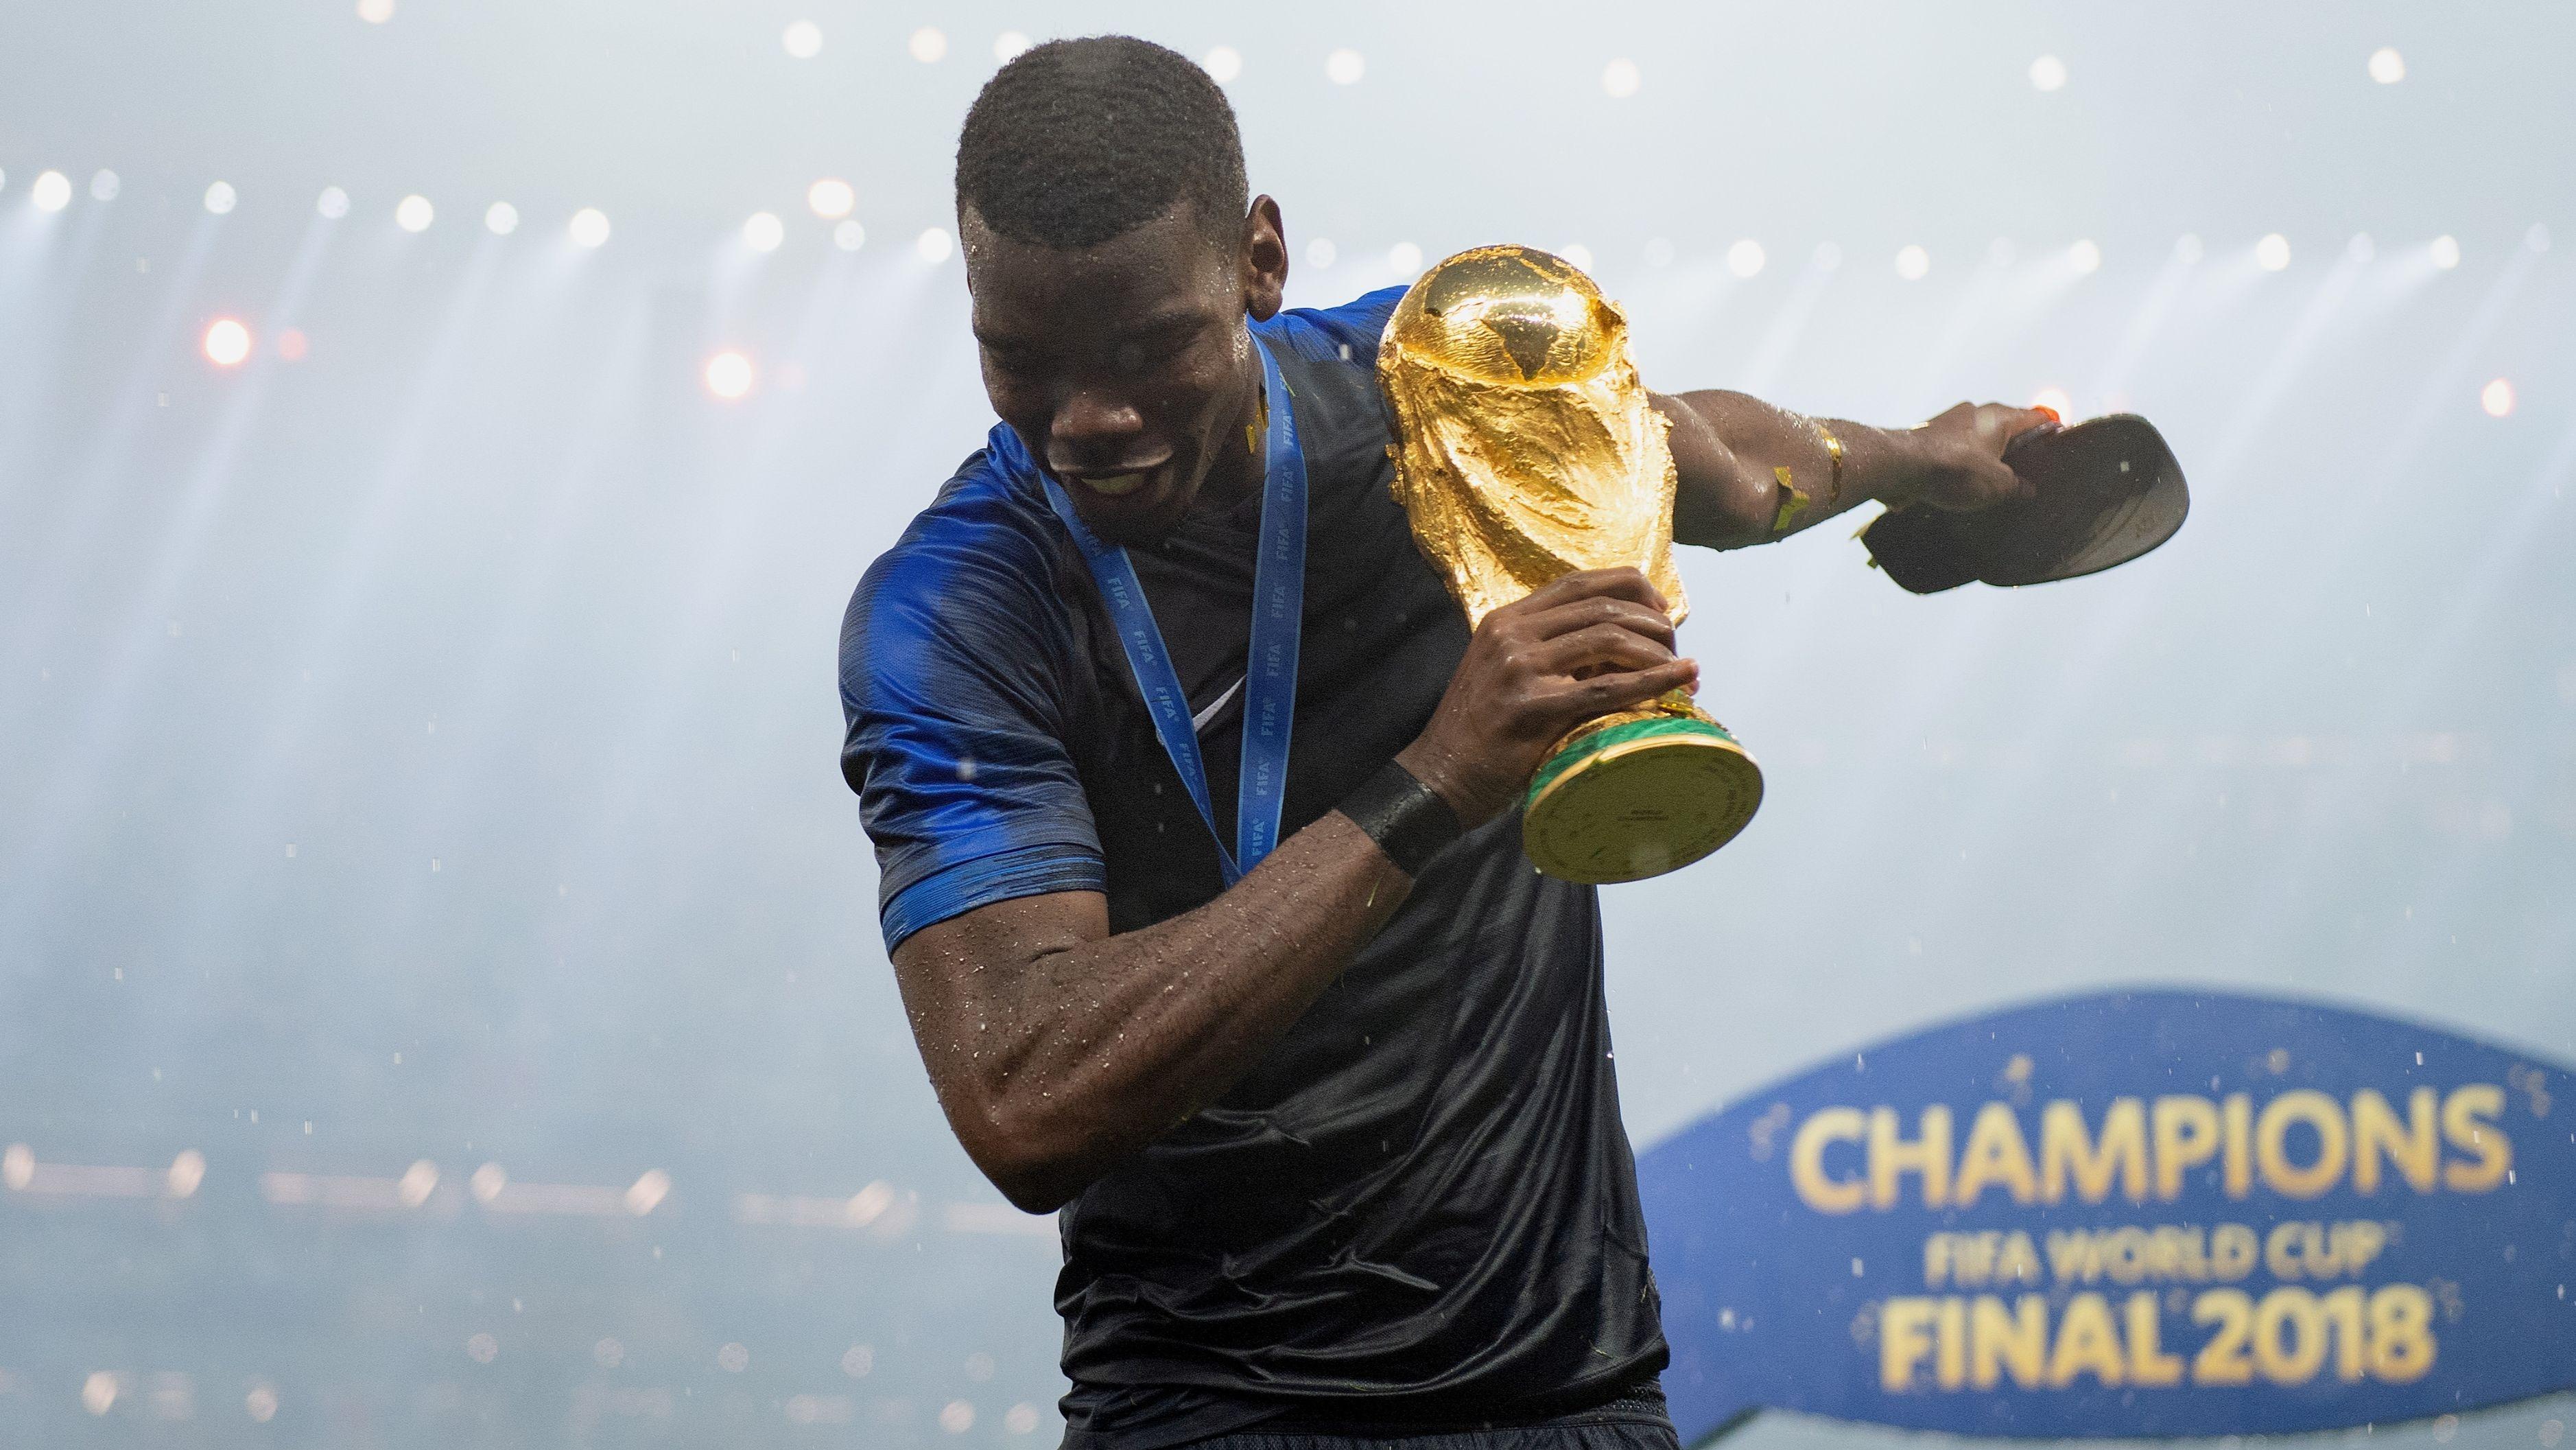 <pre>Twitter réagit alors que Trevor Noah défend «L'Afrique a gagné la Coupe du Monde»